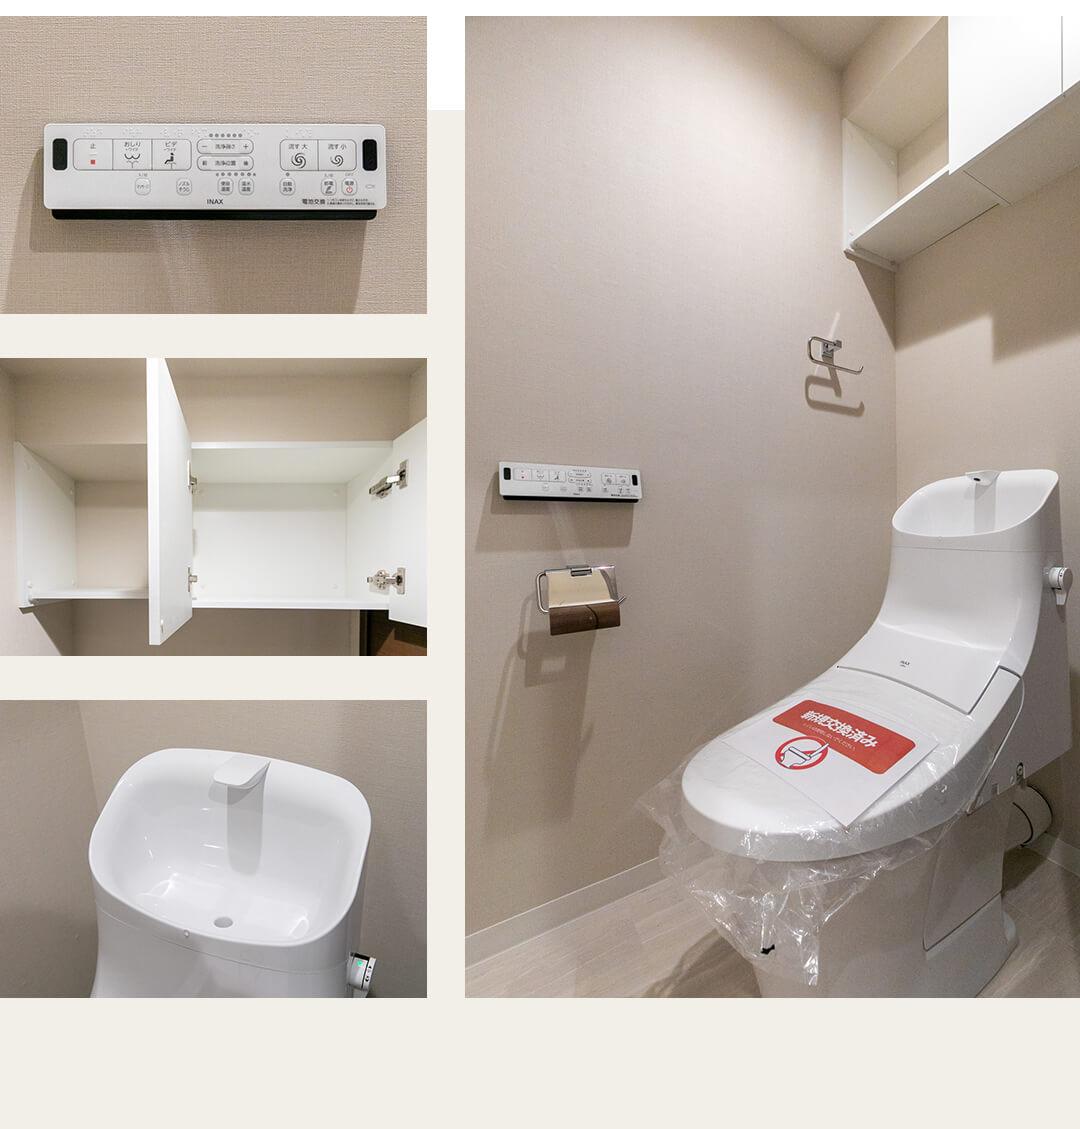 ブリリアンス多摩川のトイレ